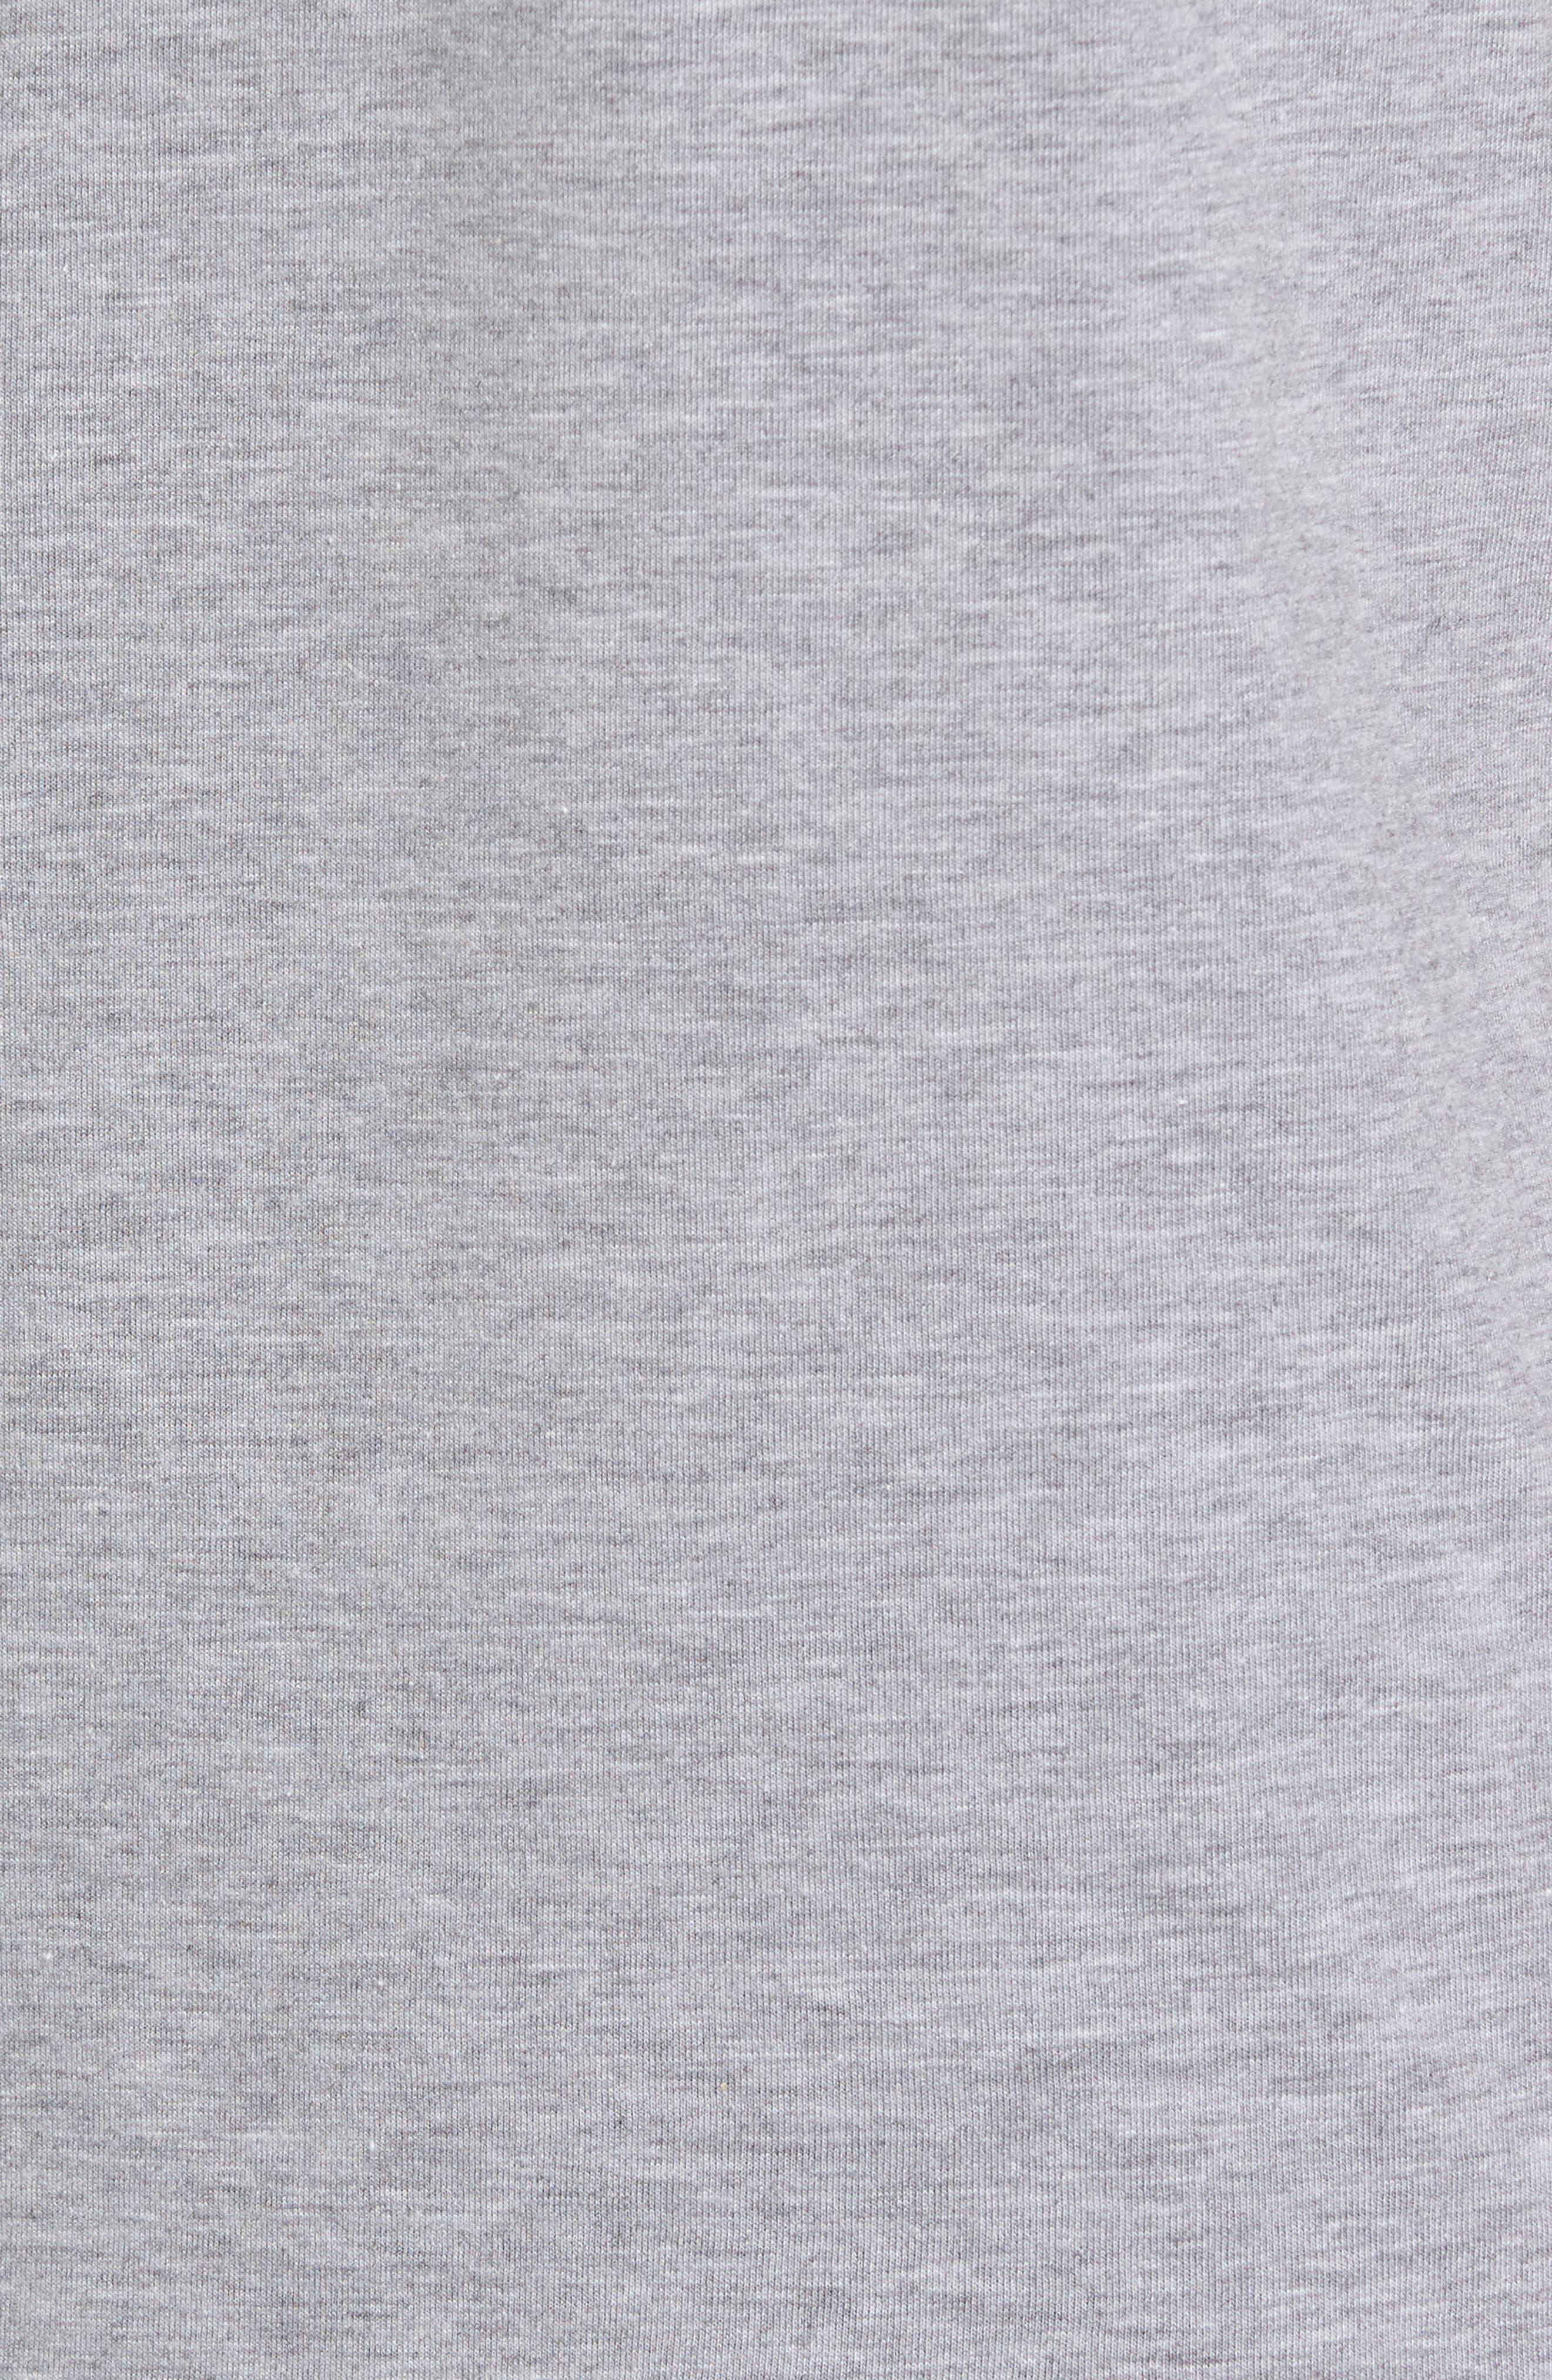 Washington State University Cougars Ringer T-Shirt,                             Alternate thumbnail 5, color,                             020